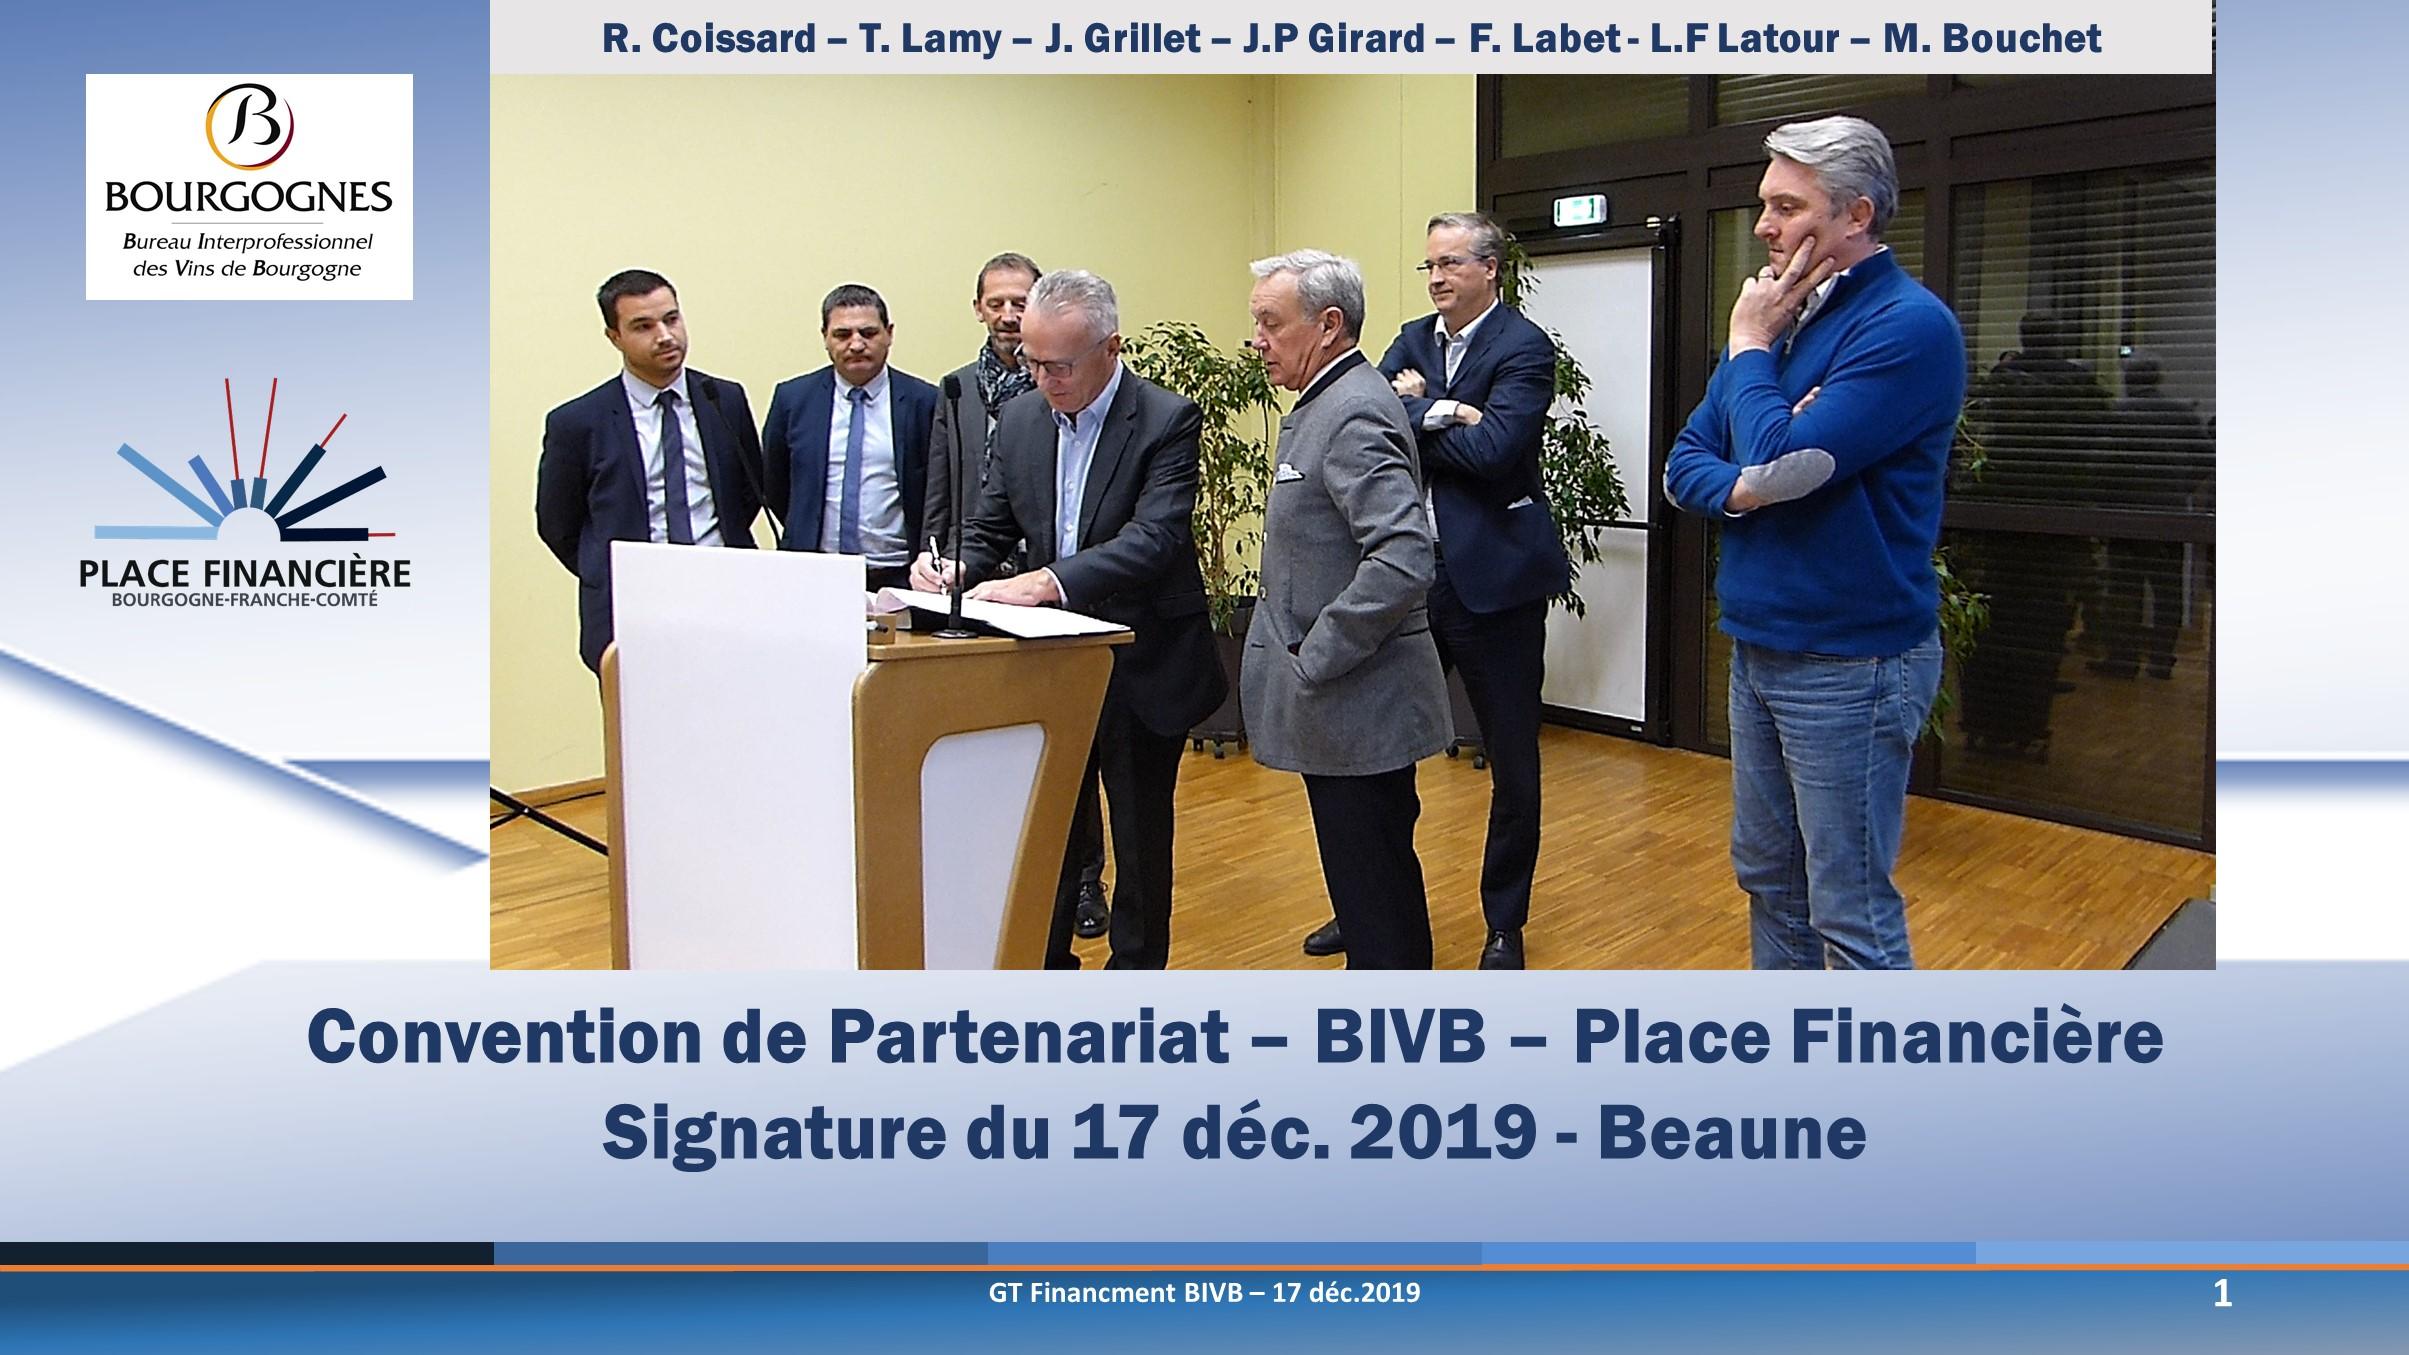 Convention BIVB - Place Financière